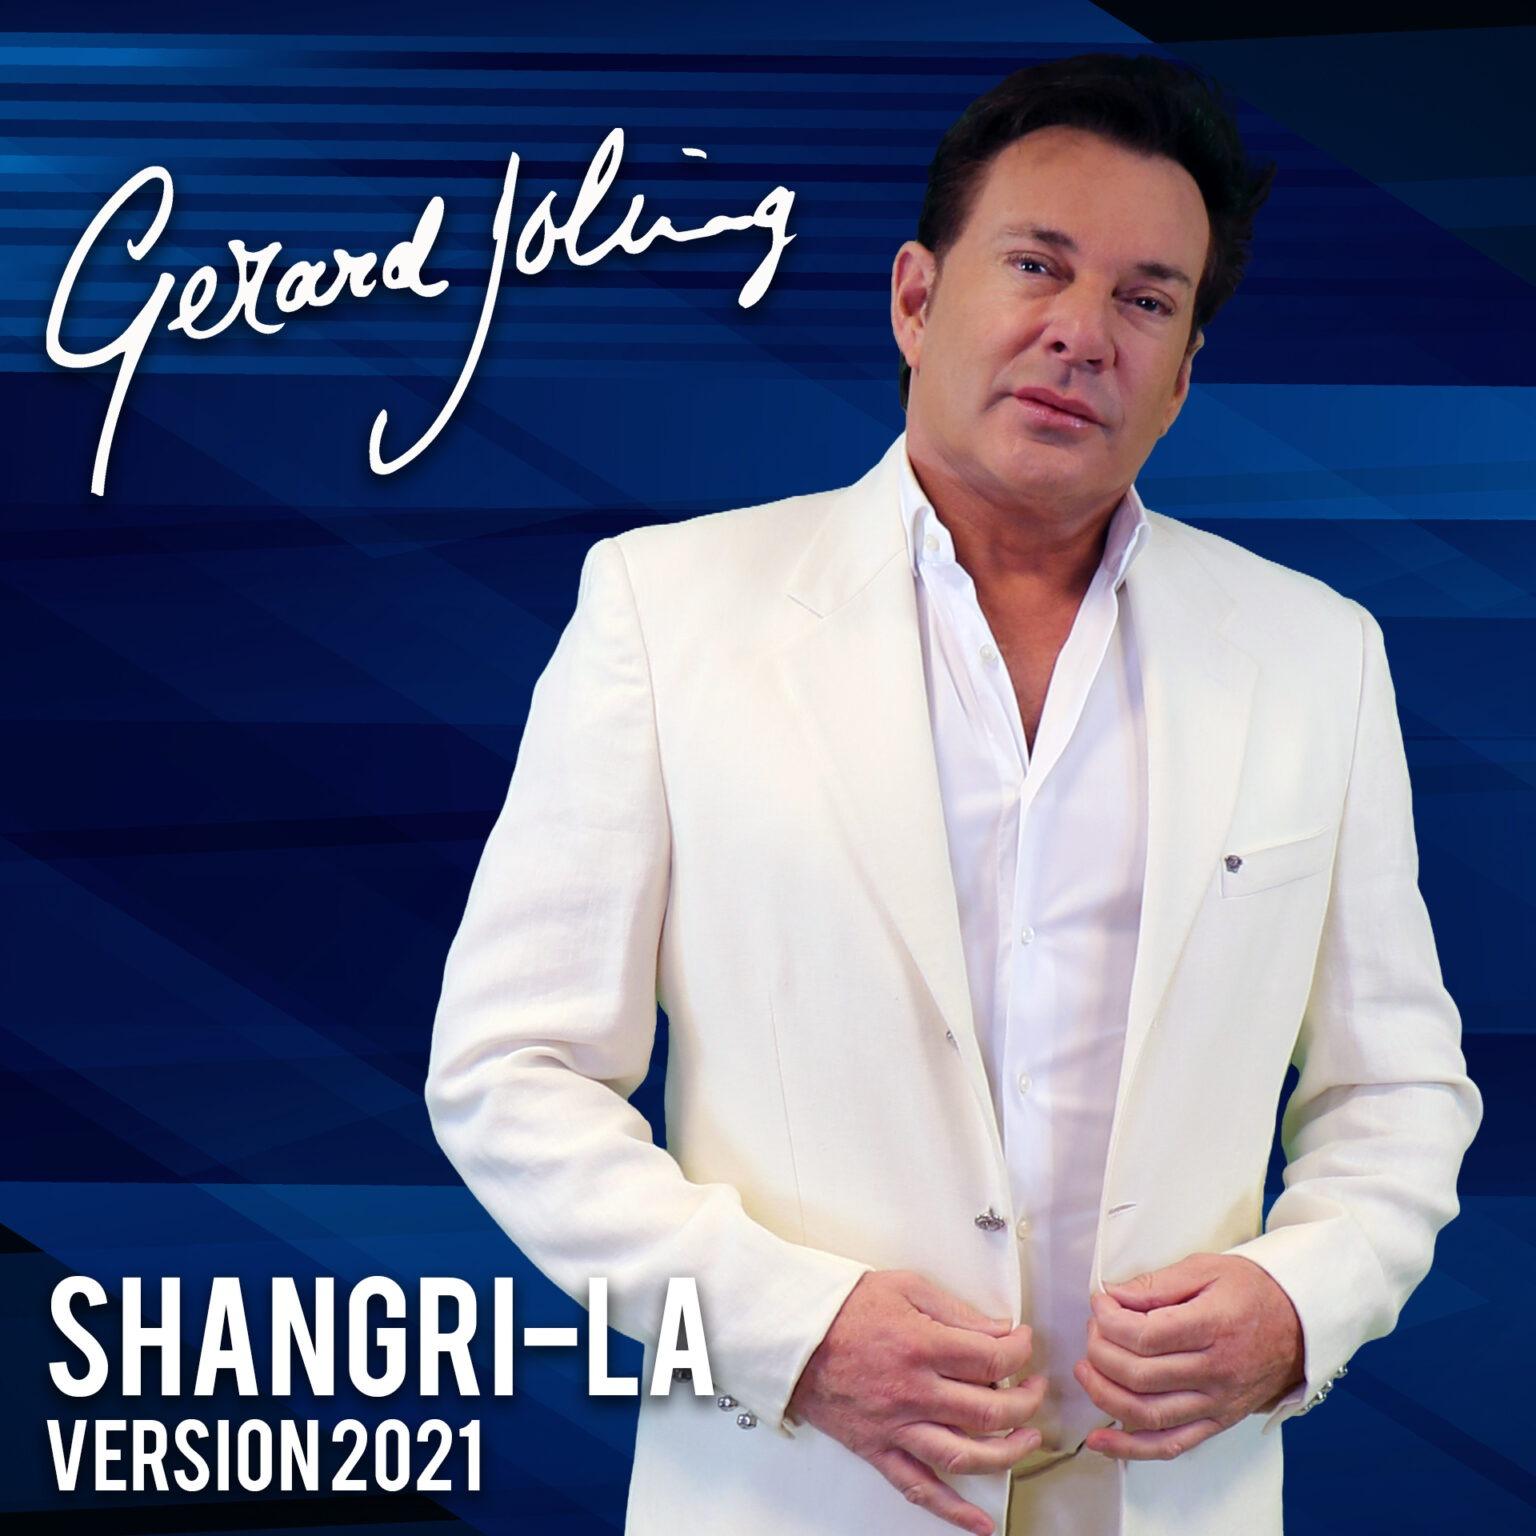 Gerard Joling - Shangri-La (Version 2021)